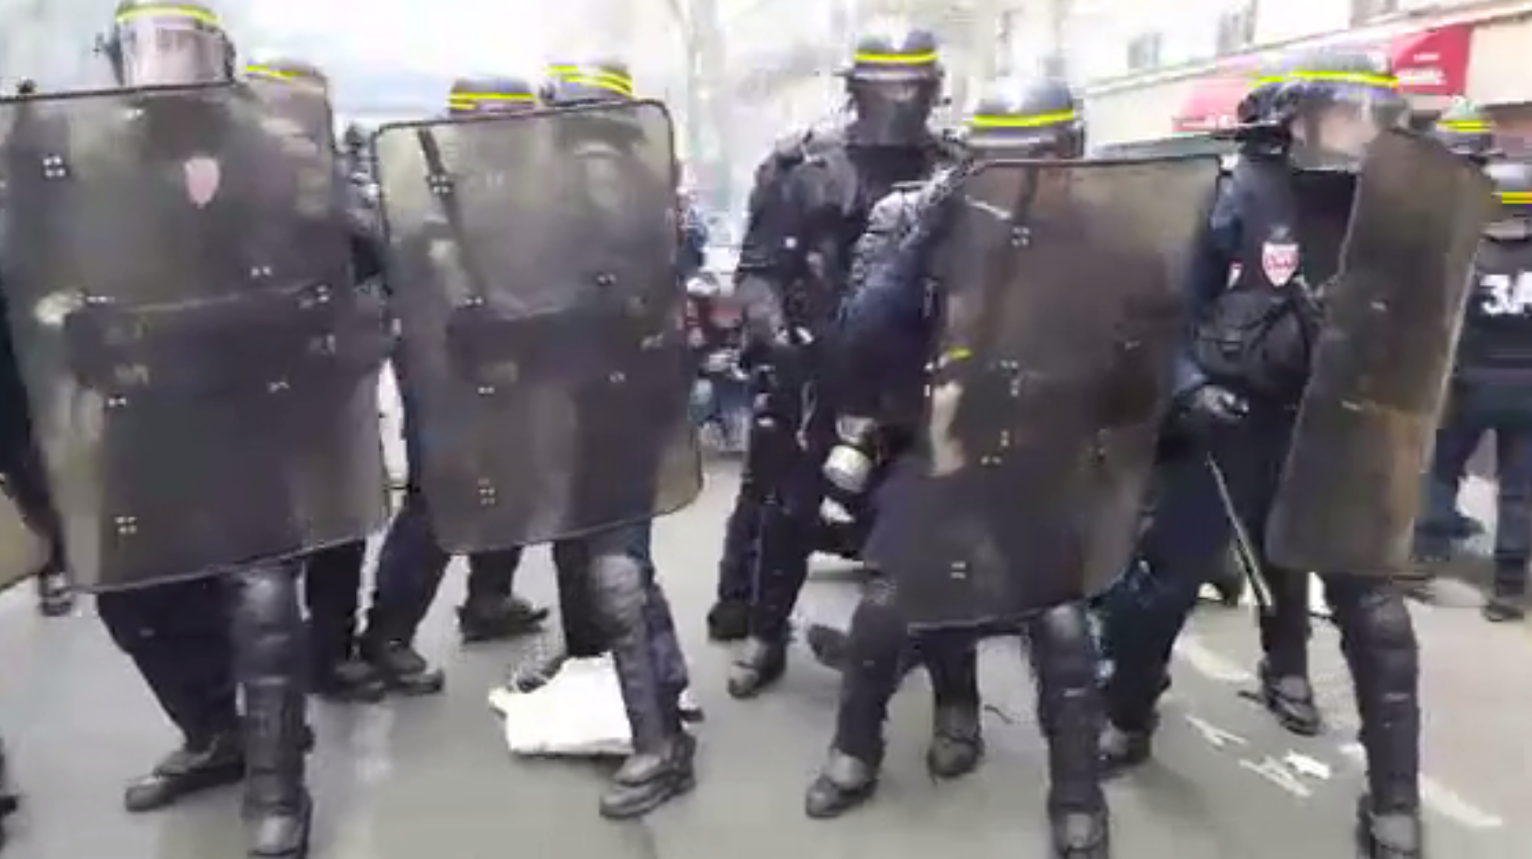 En images : gaz lacrymogènes, blessés, voitures défoncées à Paris (VIDEO, IMAGES PERTURBANTES)